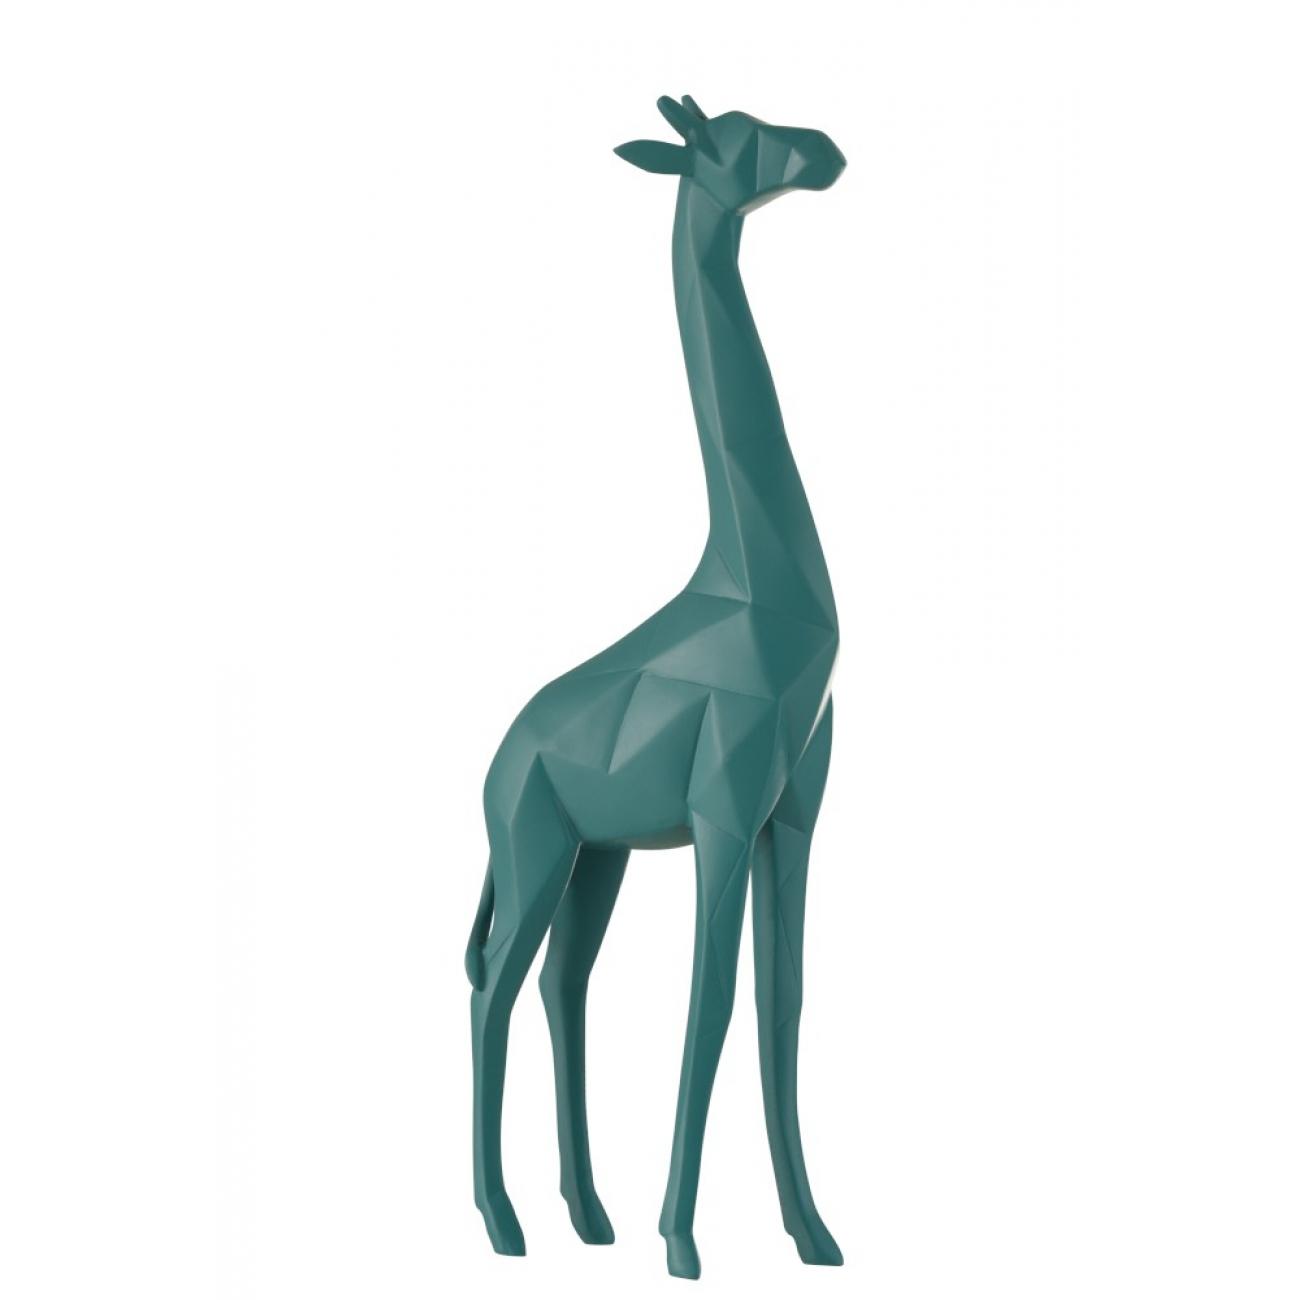 Статуэтка жираф J-LINE бирюзового цвета высота 39 см